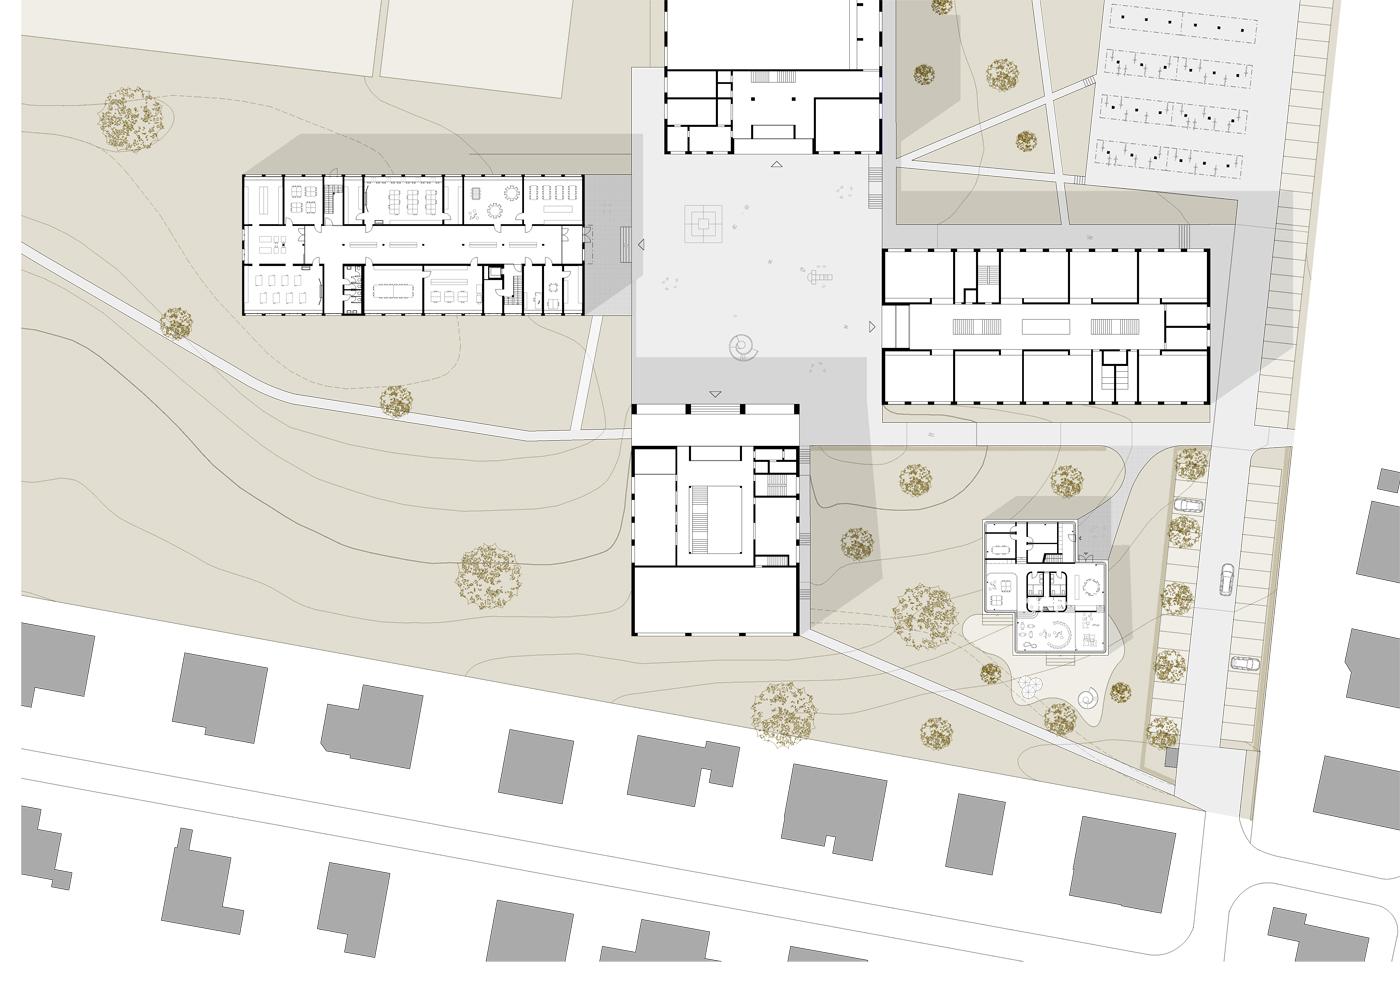 buan architekten – Schulanlage Erlen Emmenbrücke – Umgebungsgestaltung